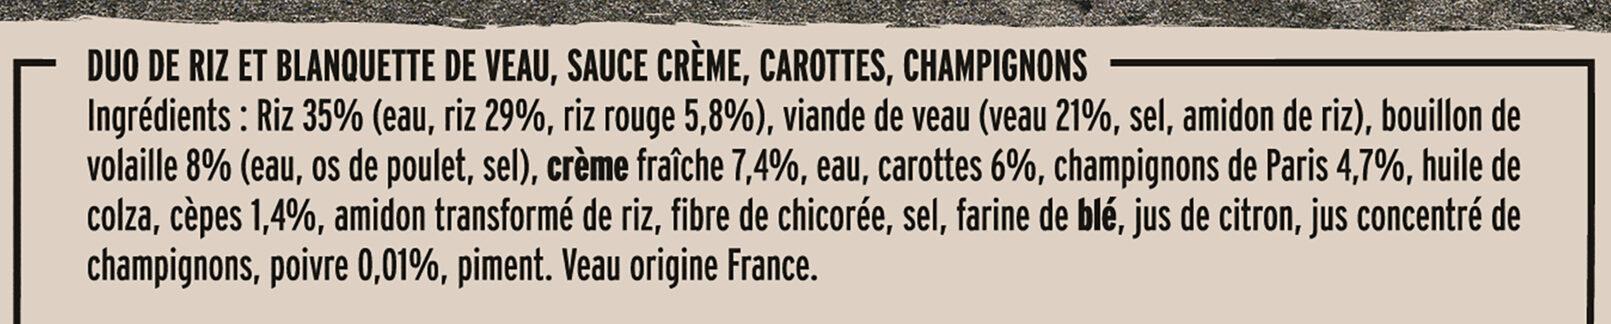 La Blanquette de Veau et son duo de riz - Ingredienti - fr